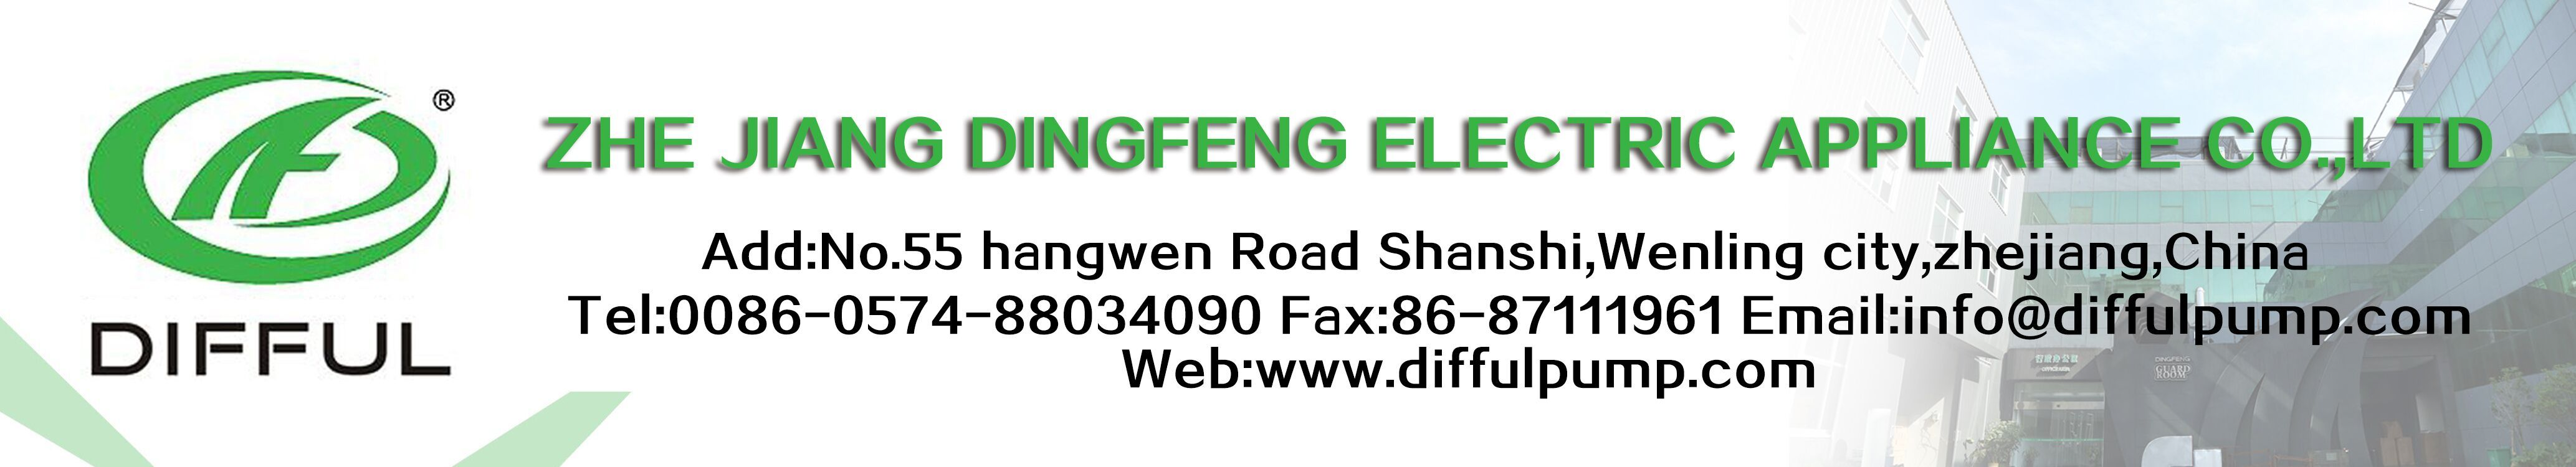 الاتصال dingfeng